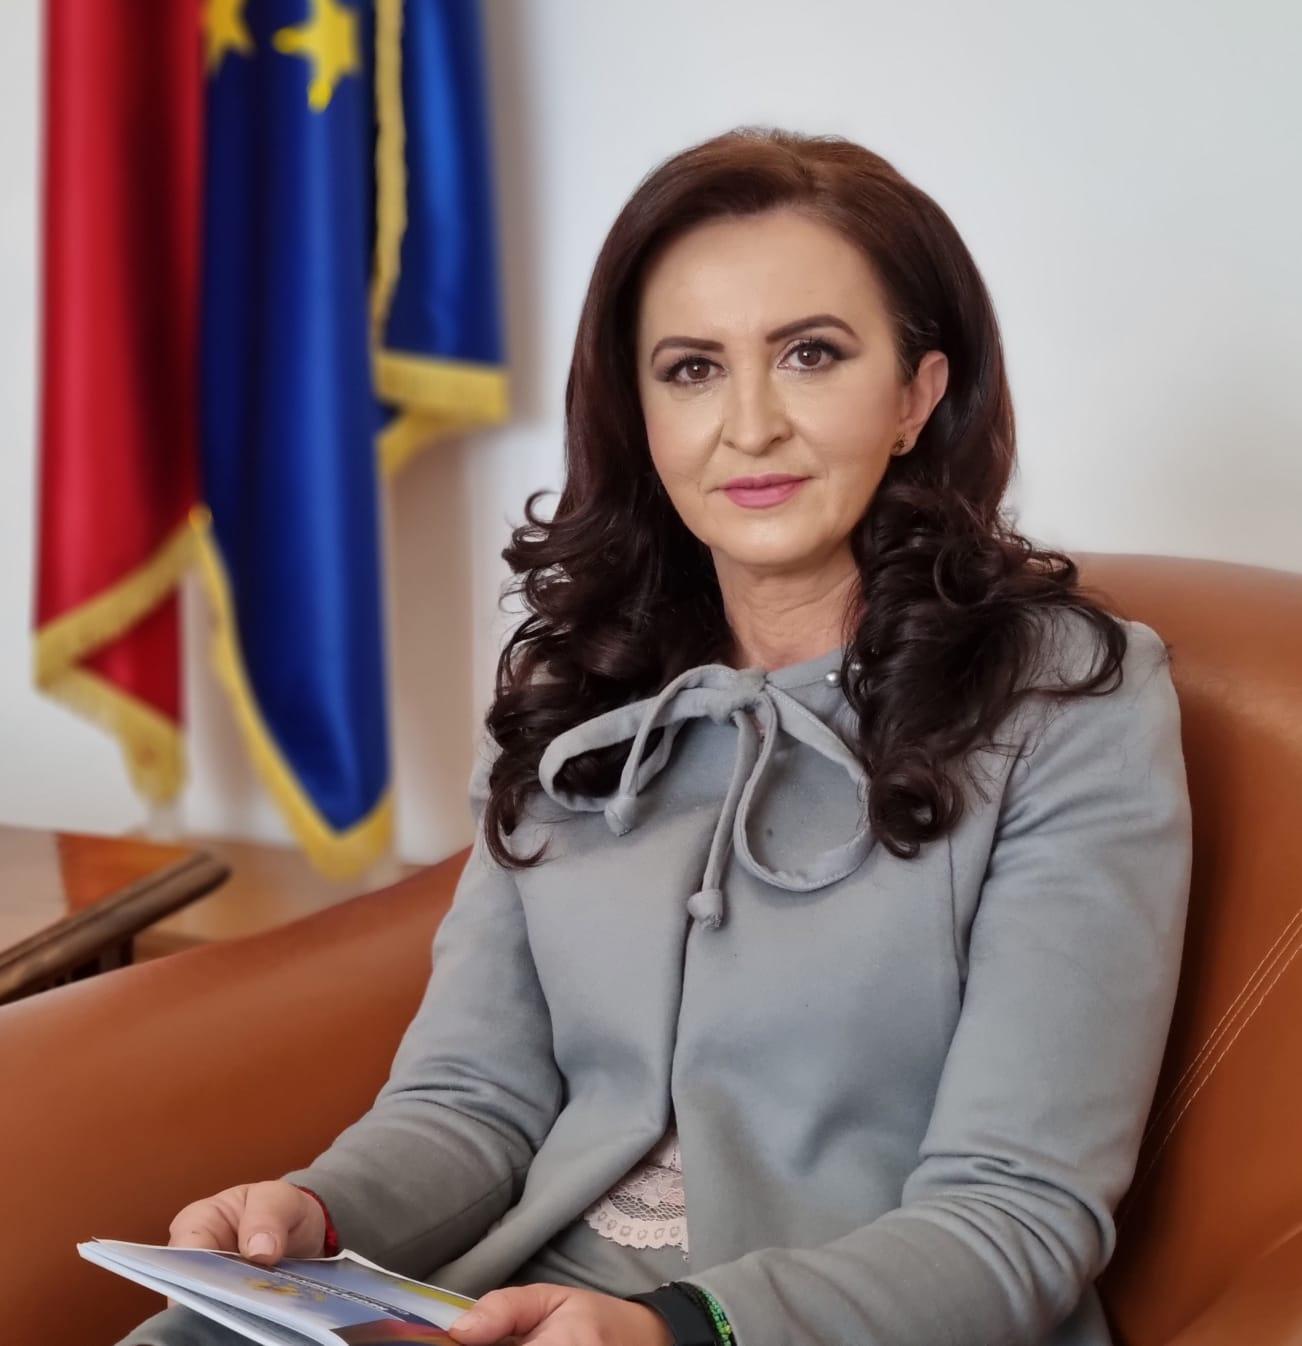 Comunicat de presă – Deputat Natalia Intotero (PSD)